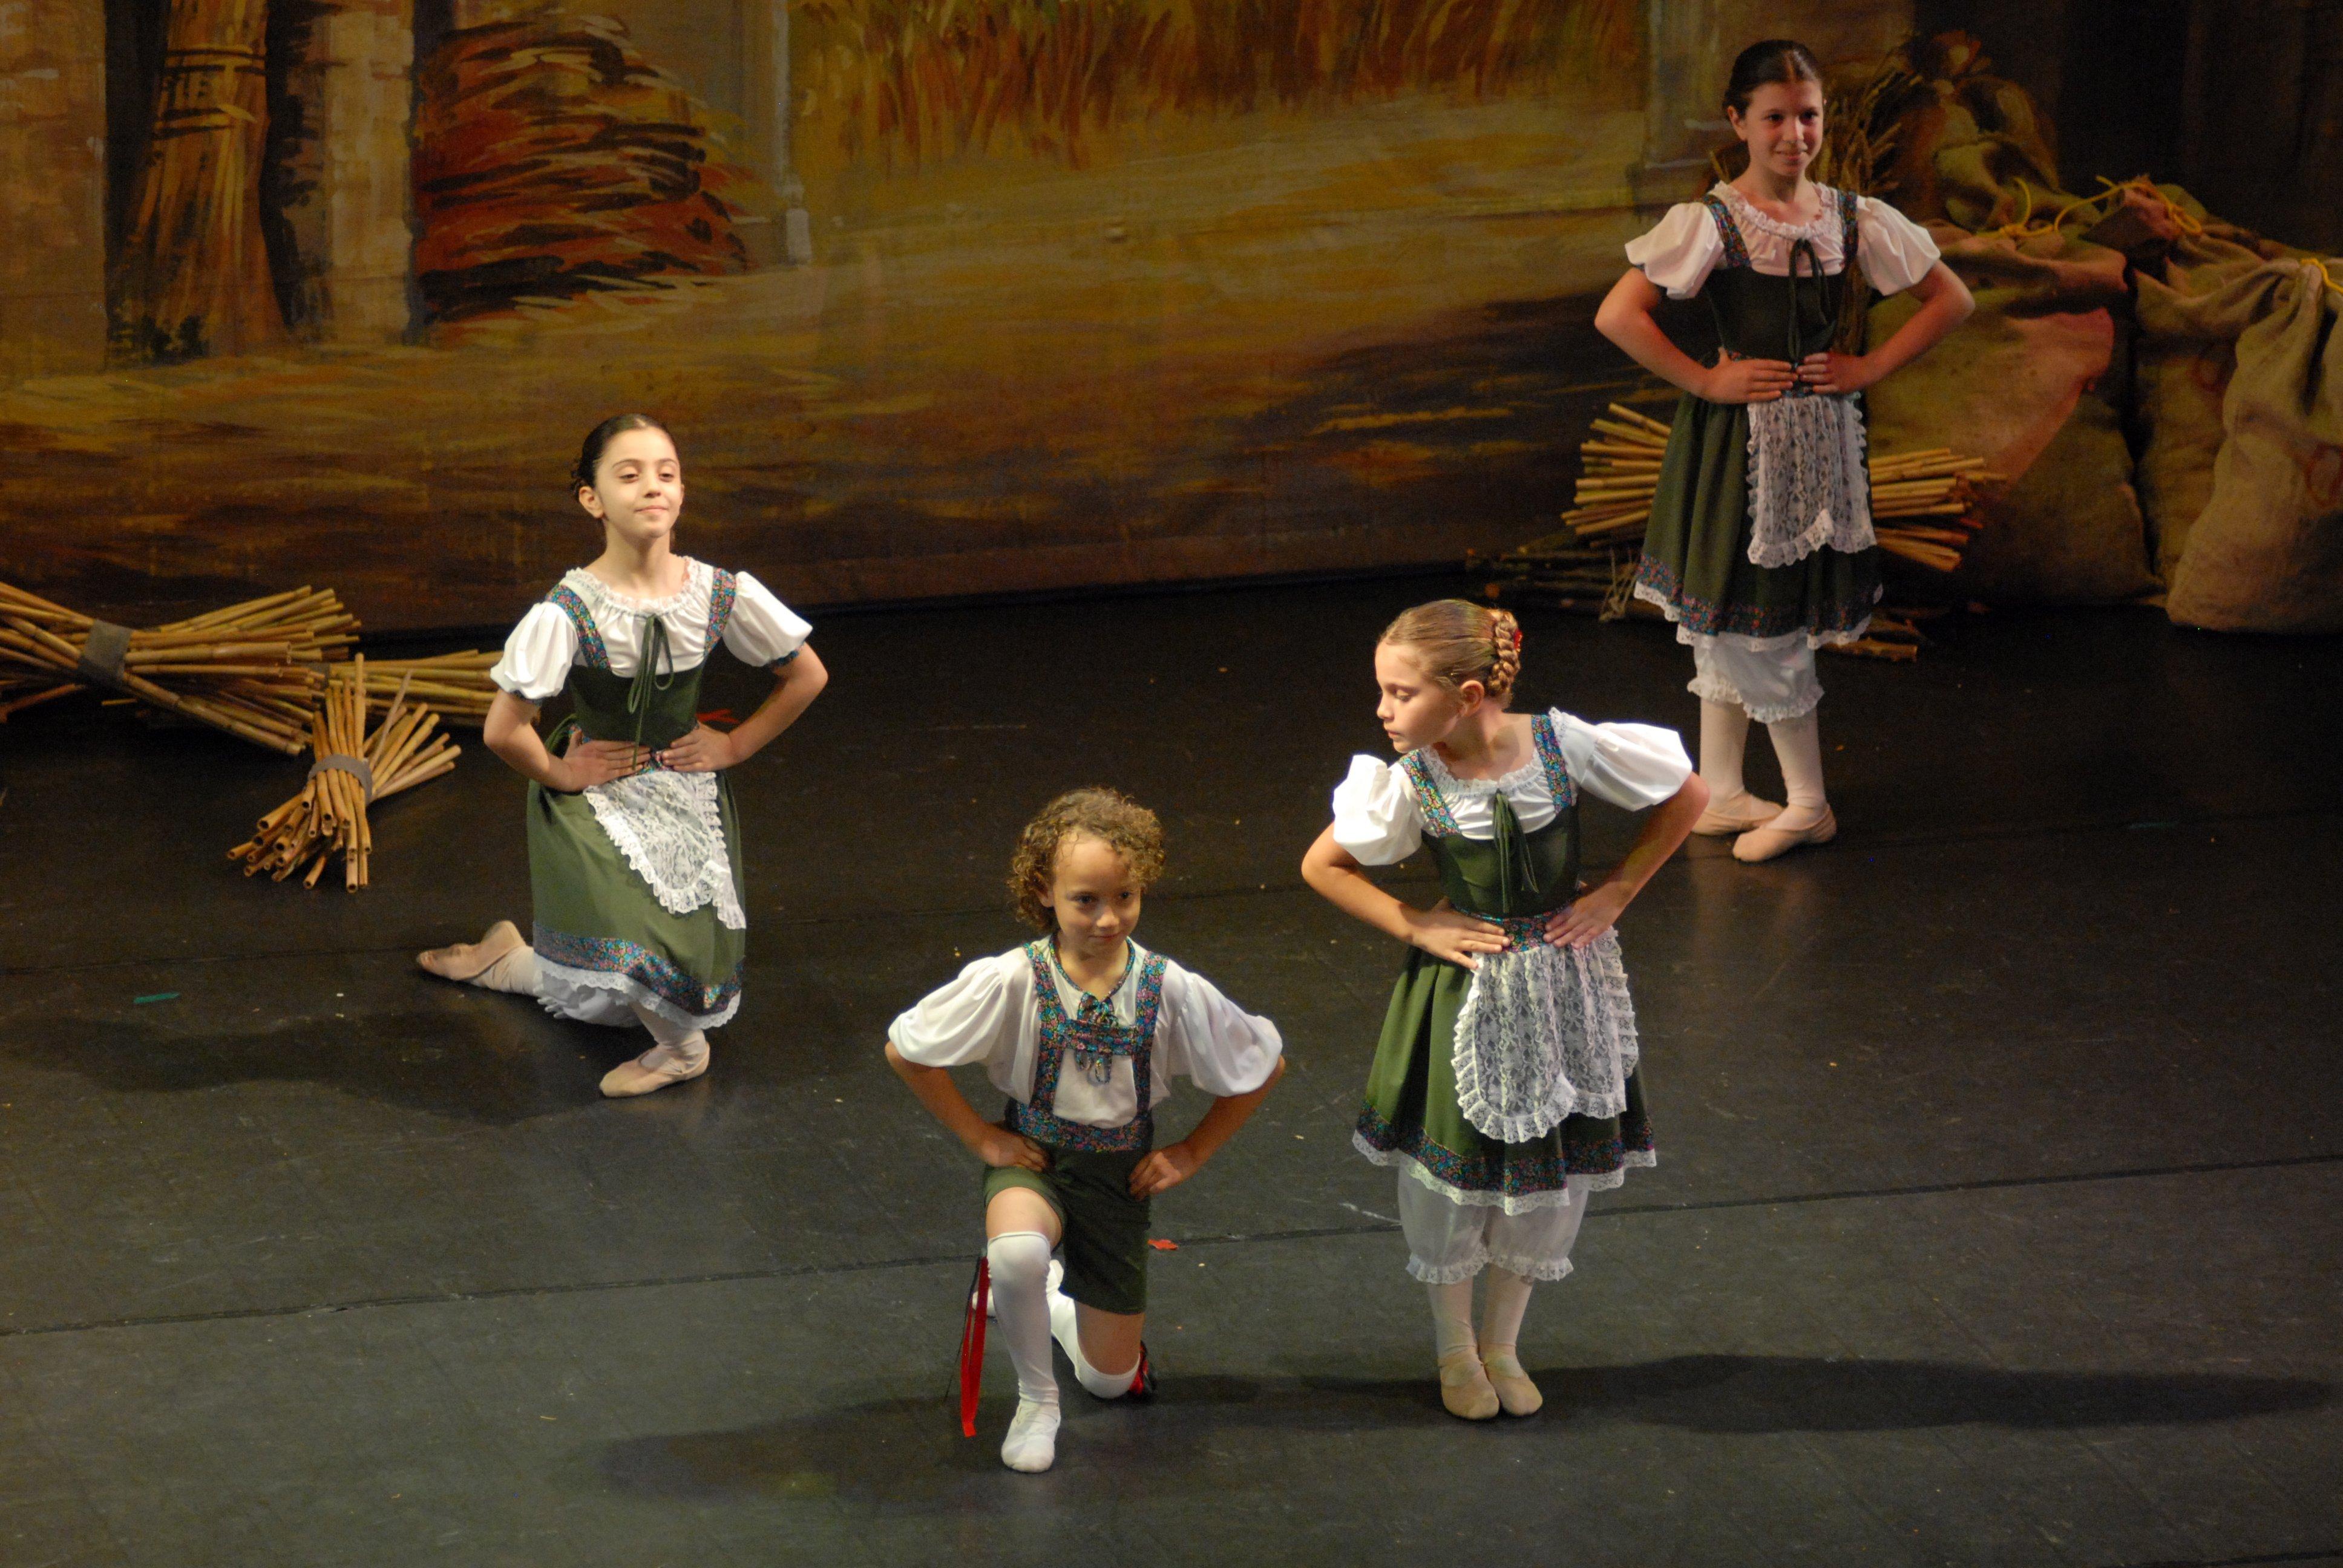 delle bambine vestite da contadine durante uno spettacolo